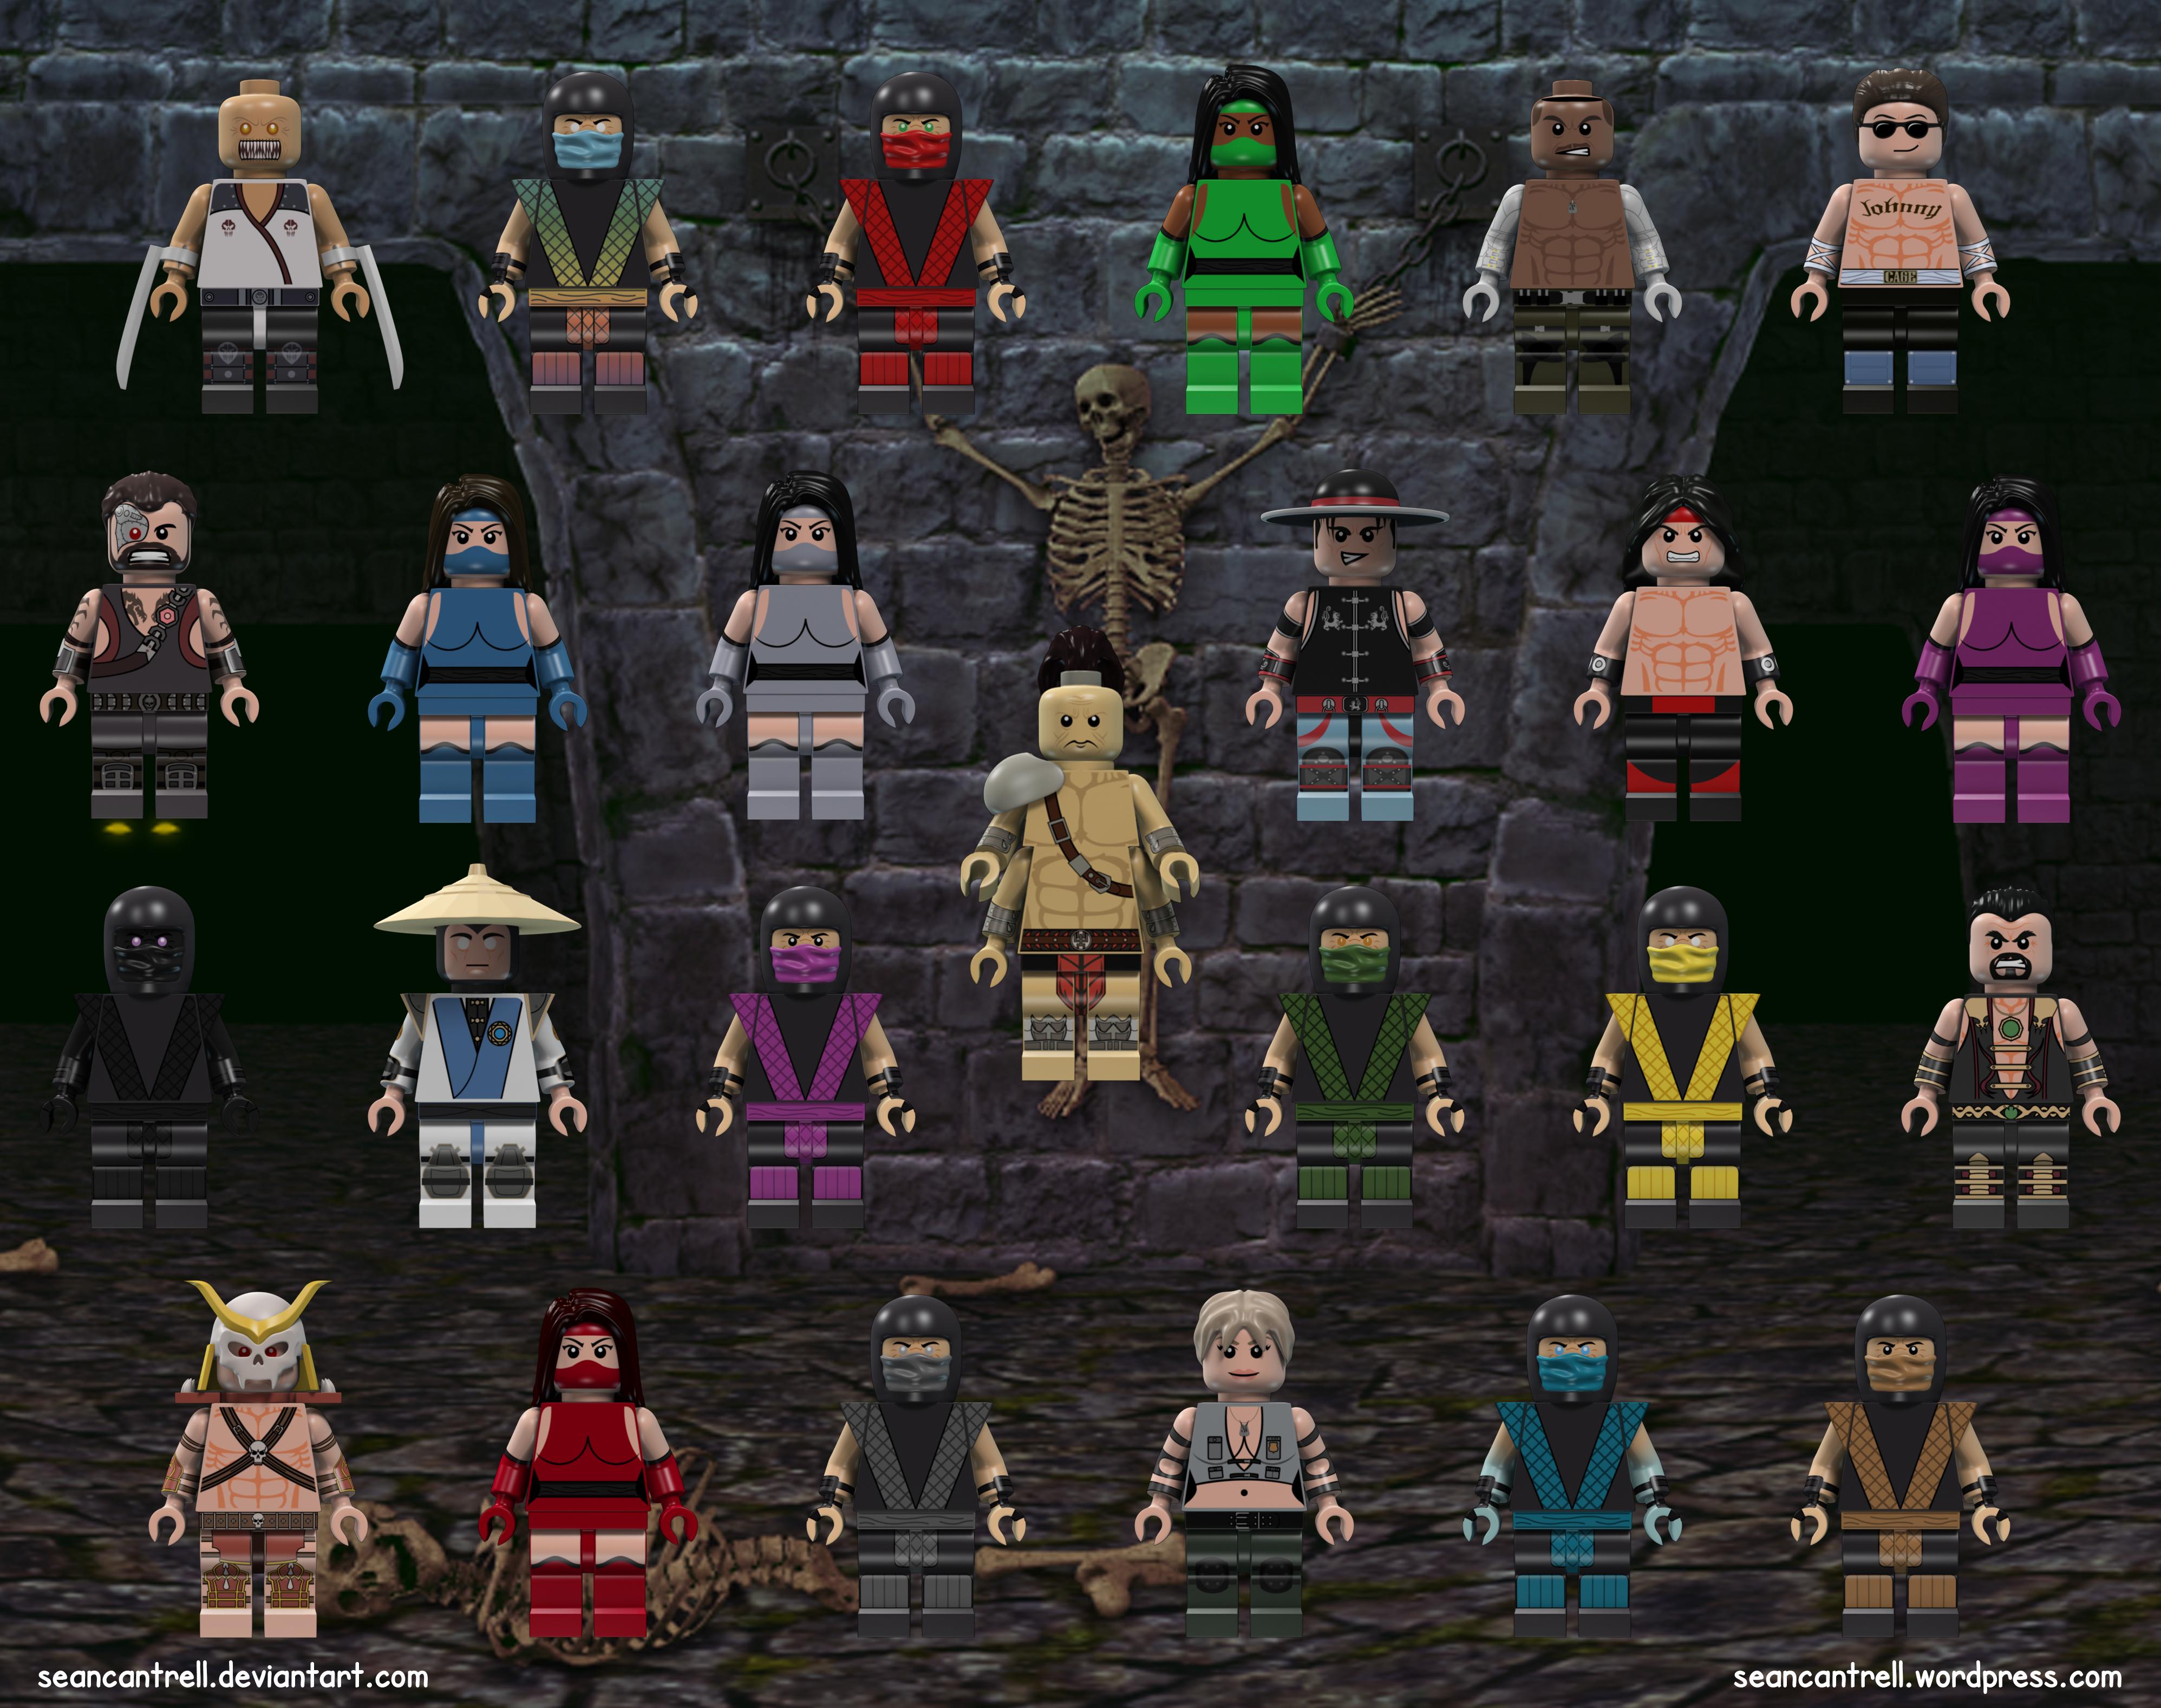 Lego Mortal Kombat Set | Sean Cantrell  Lego Mortal Kom...